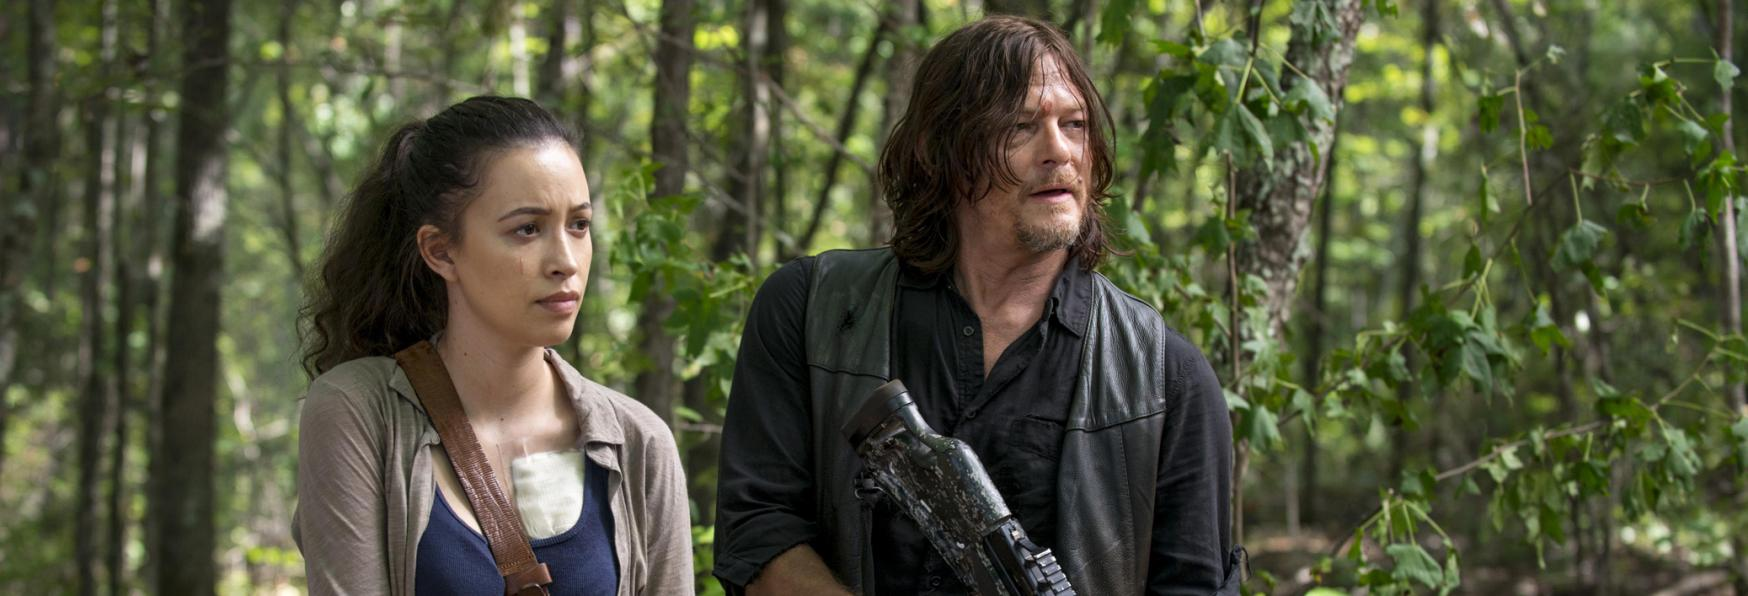 The Walking Dead 11: iniziate Ufficialmente le Riprese della Stagione Finale